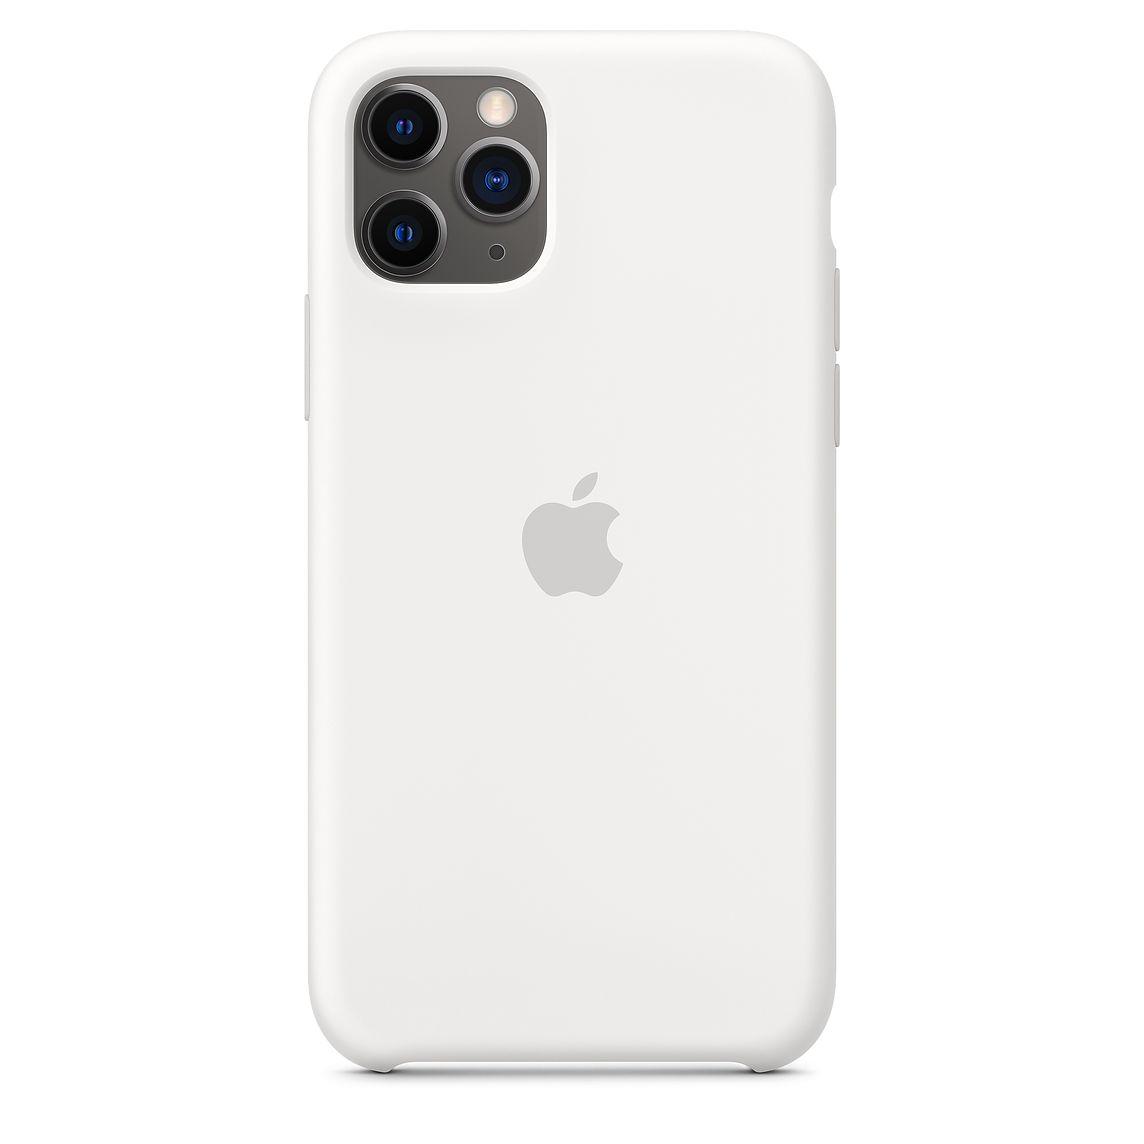 如何清洁 iPhone 的官方保护壳?智能电池壳如何清洁护理?